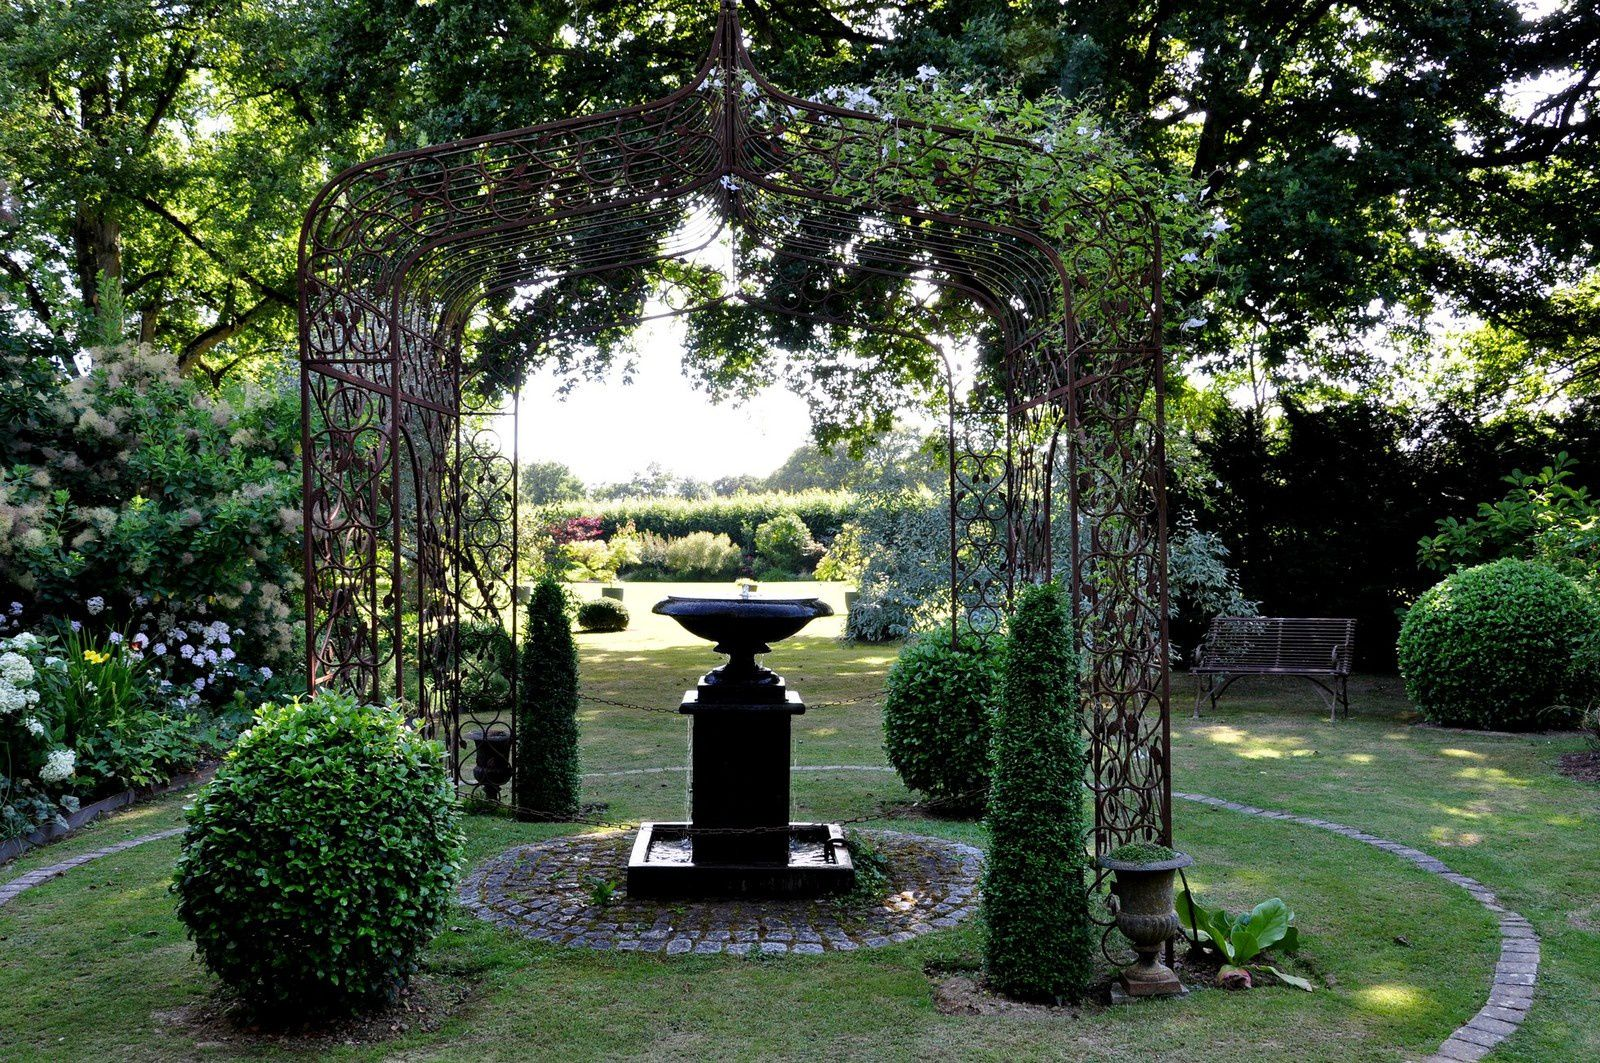 Le jardin de la Mansonière, un jardin de paysages intérieurs